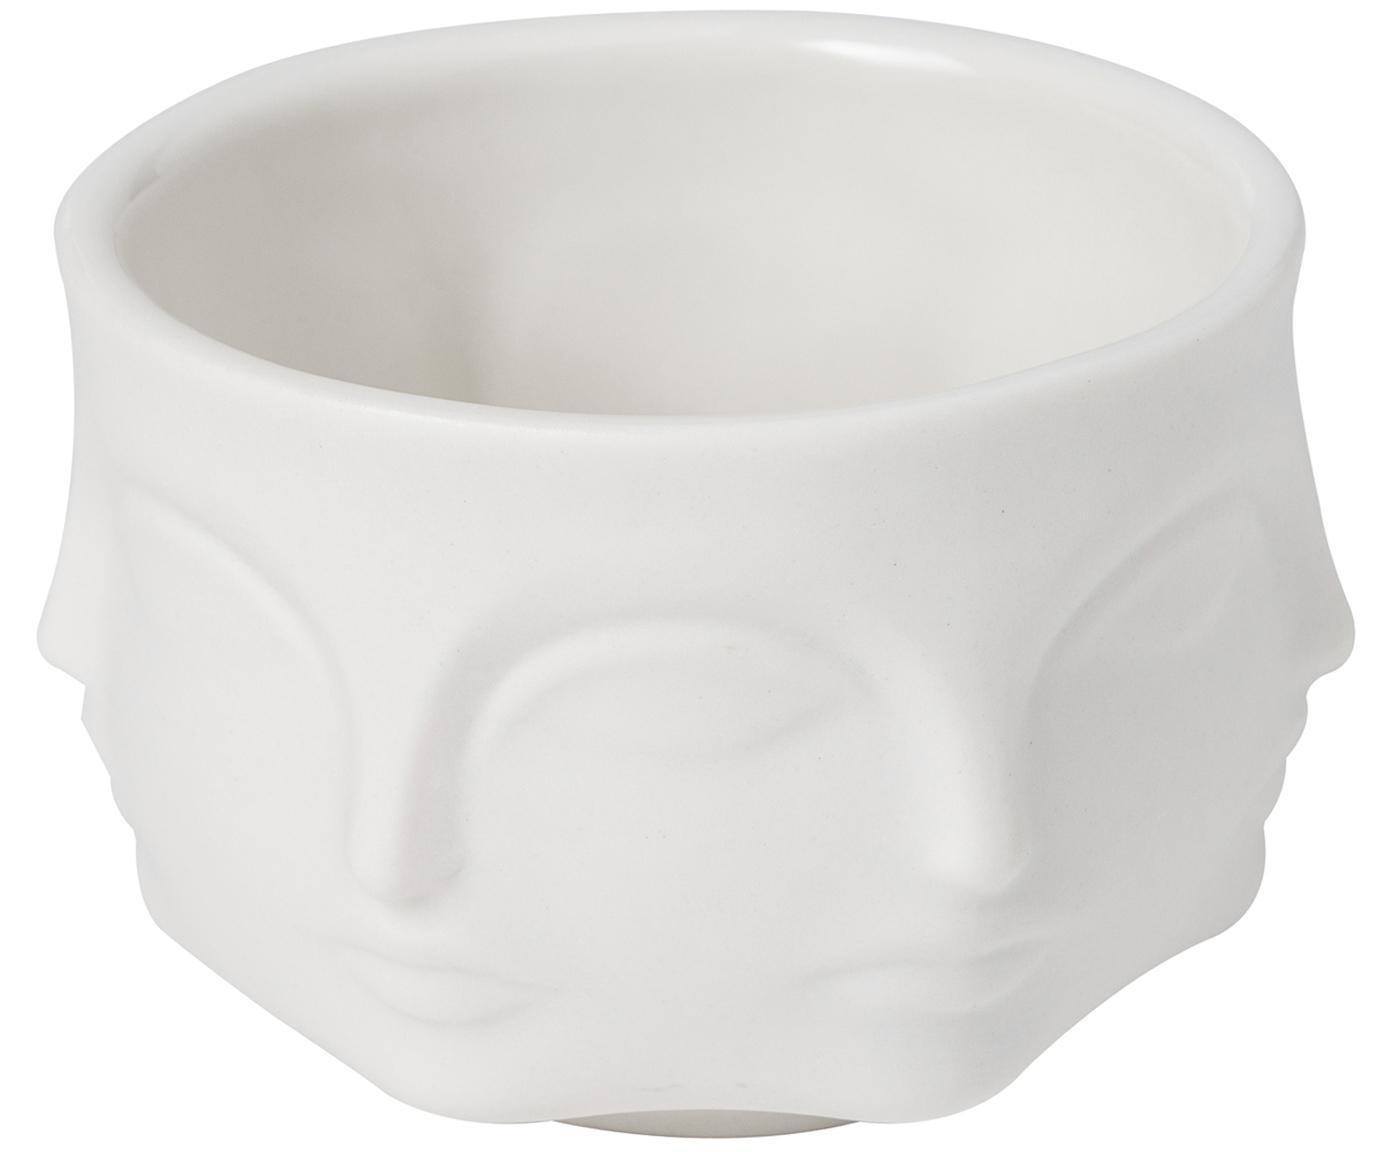 Cuenco pequeño de diseño Muse, Porcelana, Blanco, Ø 7 cm